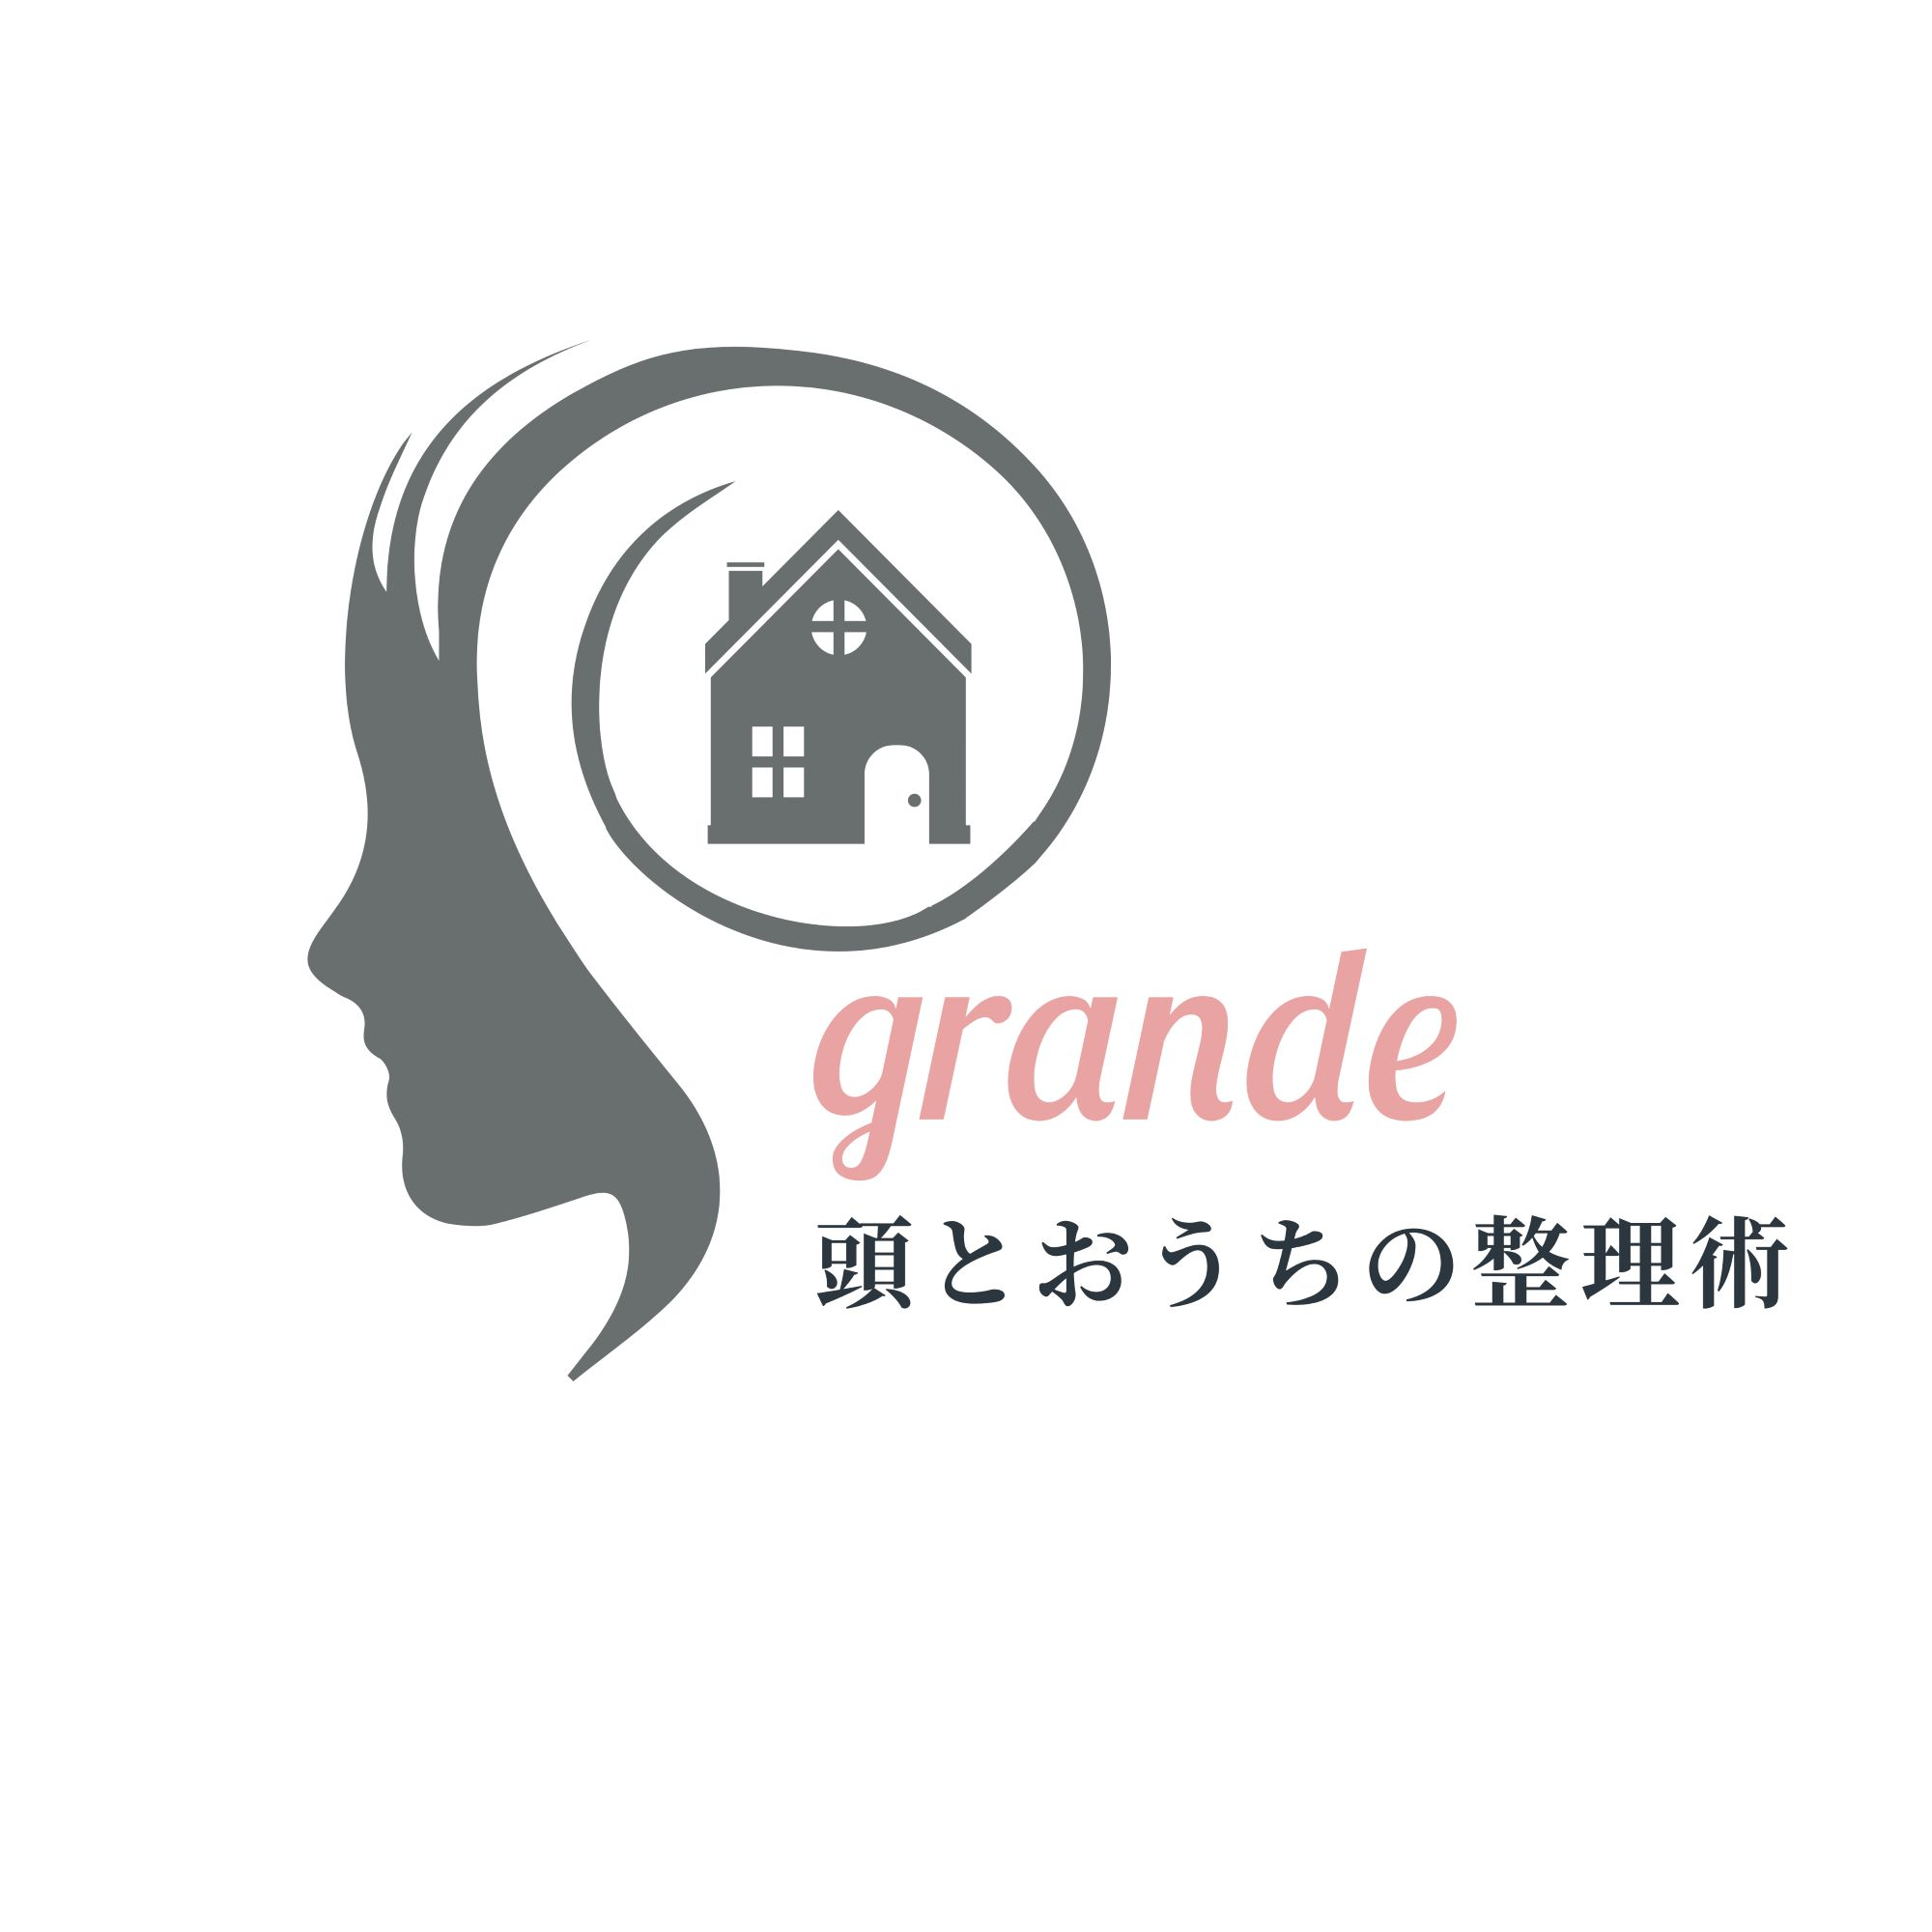 加藤亜子のアクティブ・ブレイン・セミナー  グランデ